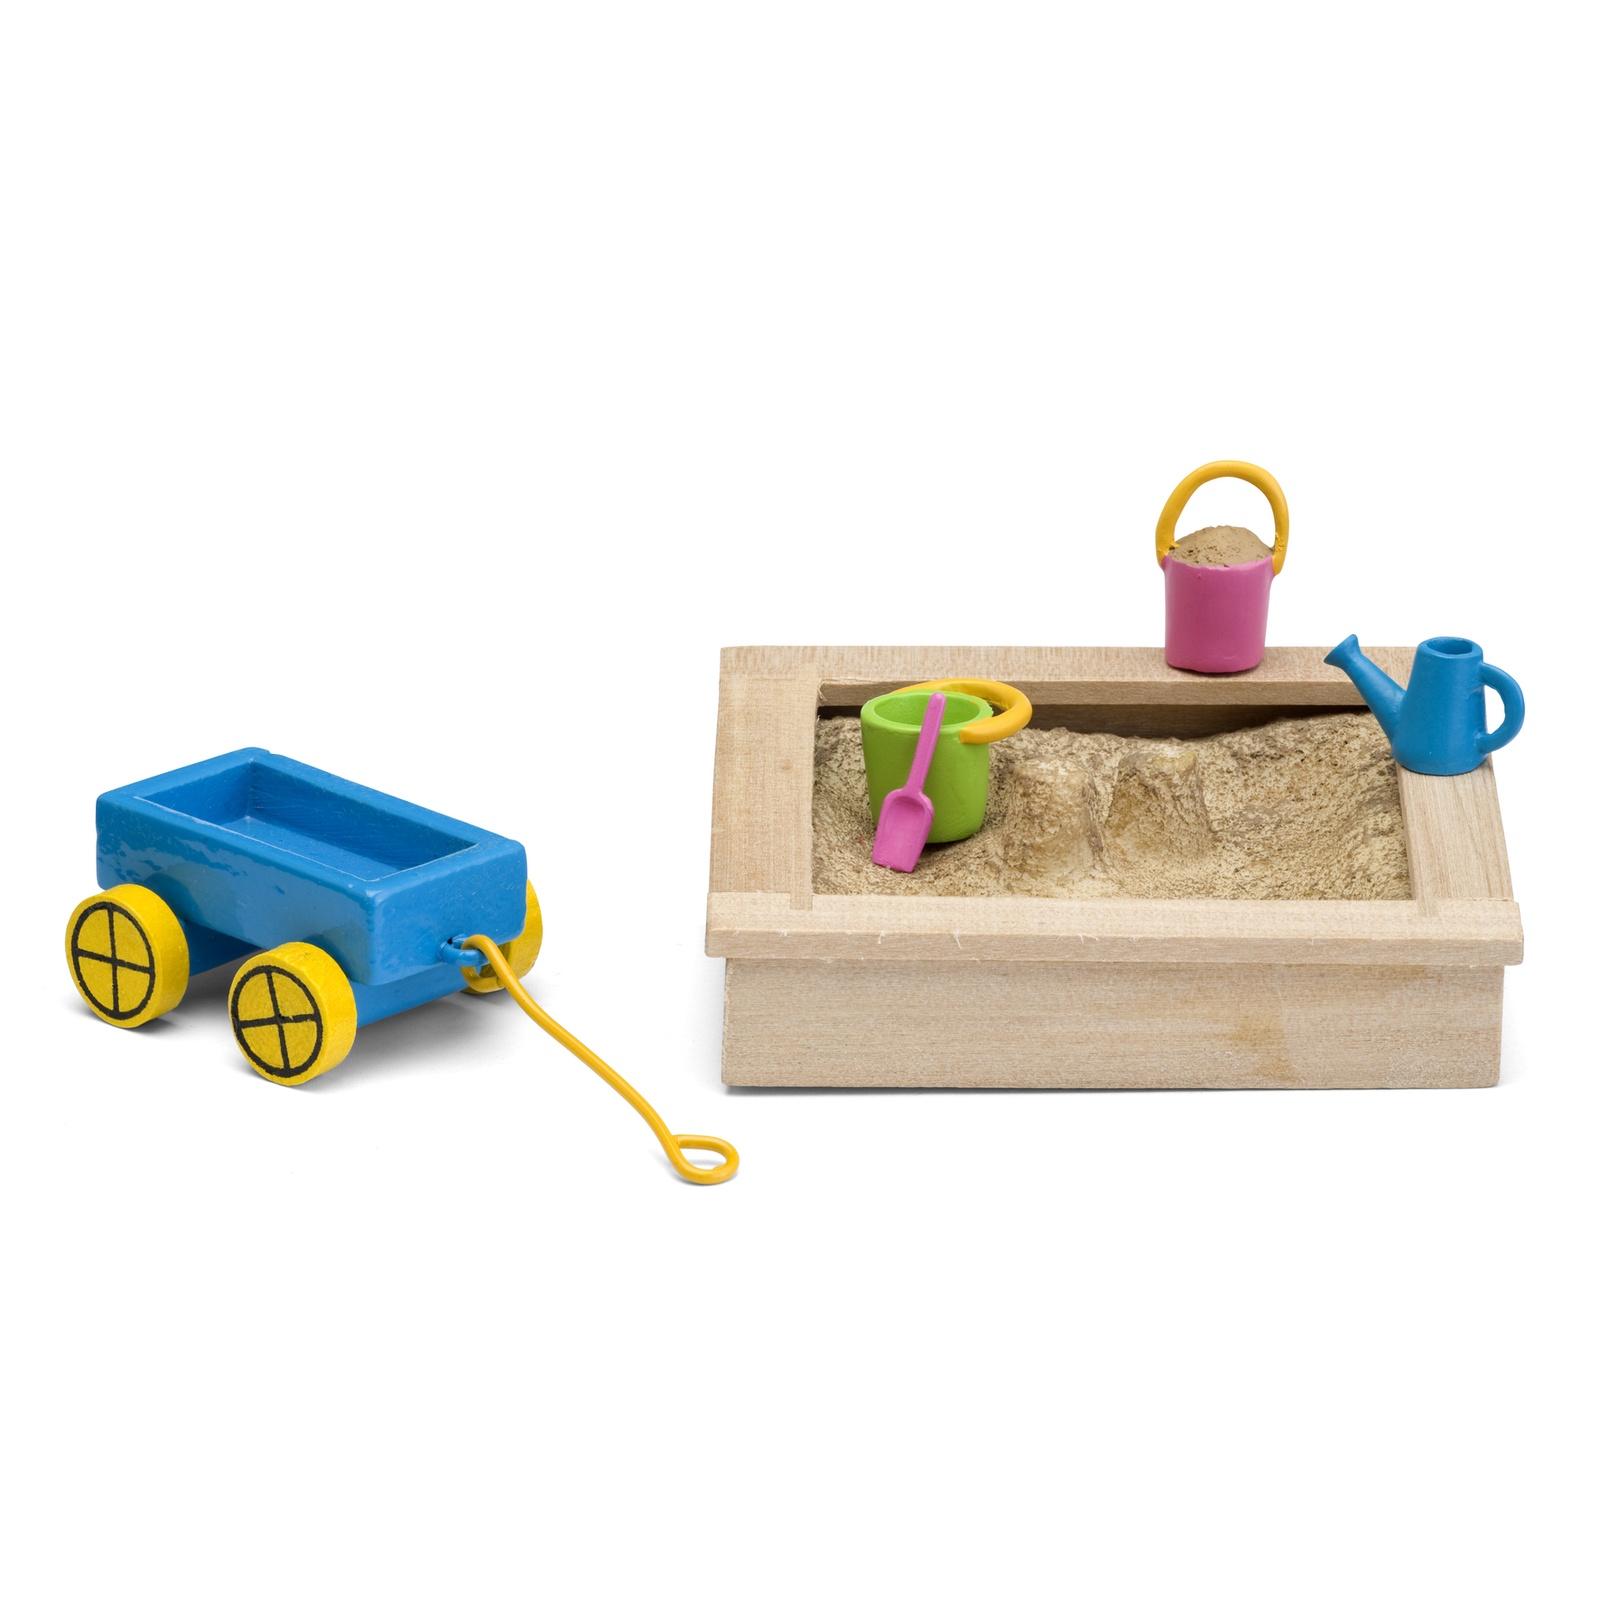 Игровой набор для домика Lundby Смоланд. Песочница с игрушками, LB_60509600 аксессуары для домика смоланд lundby батут с машинкой